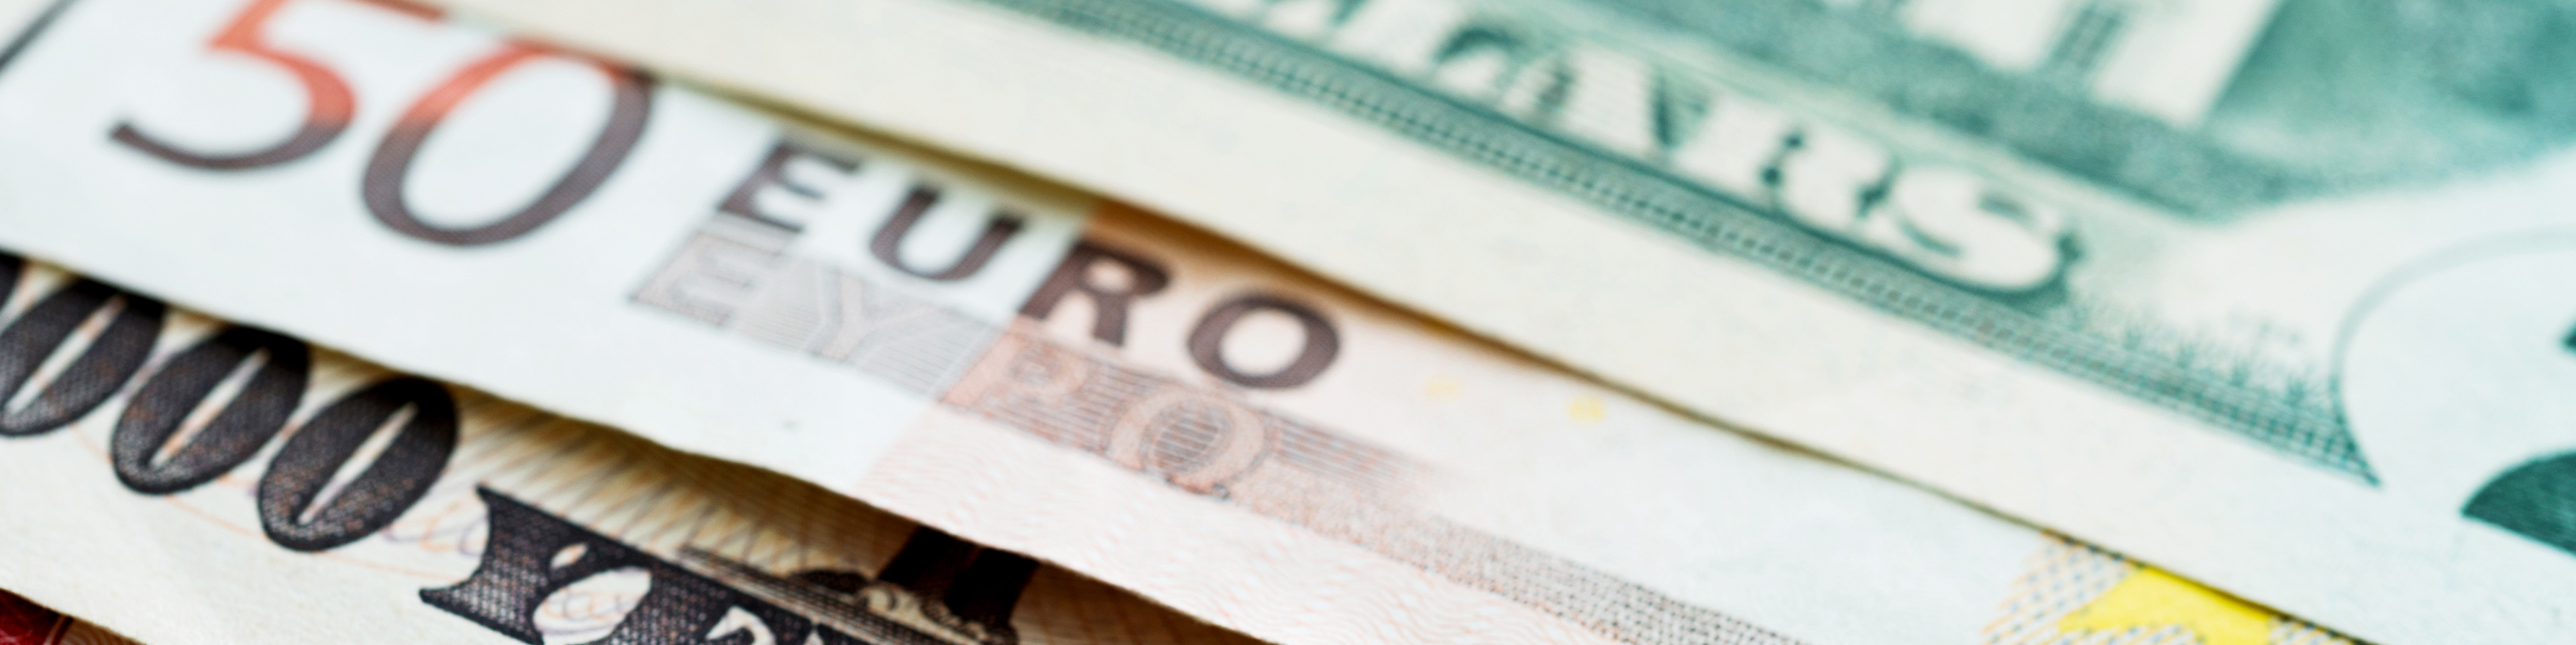 dollar euro yen bills